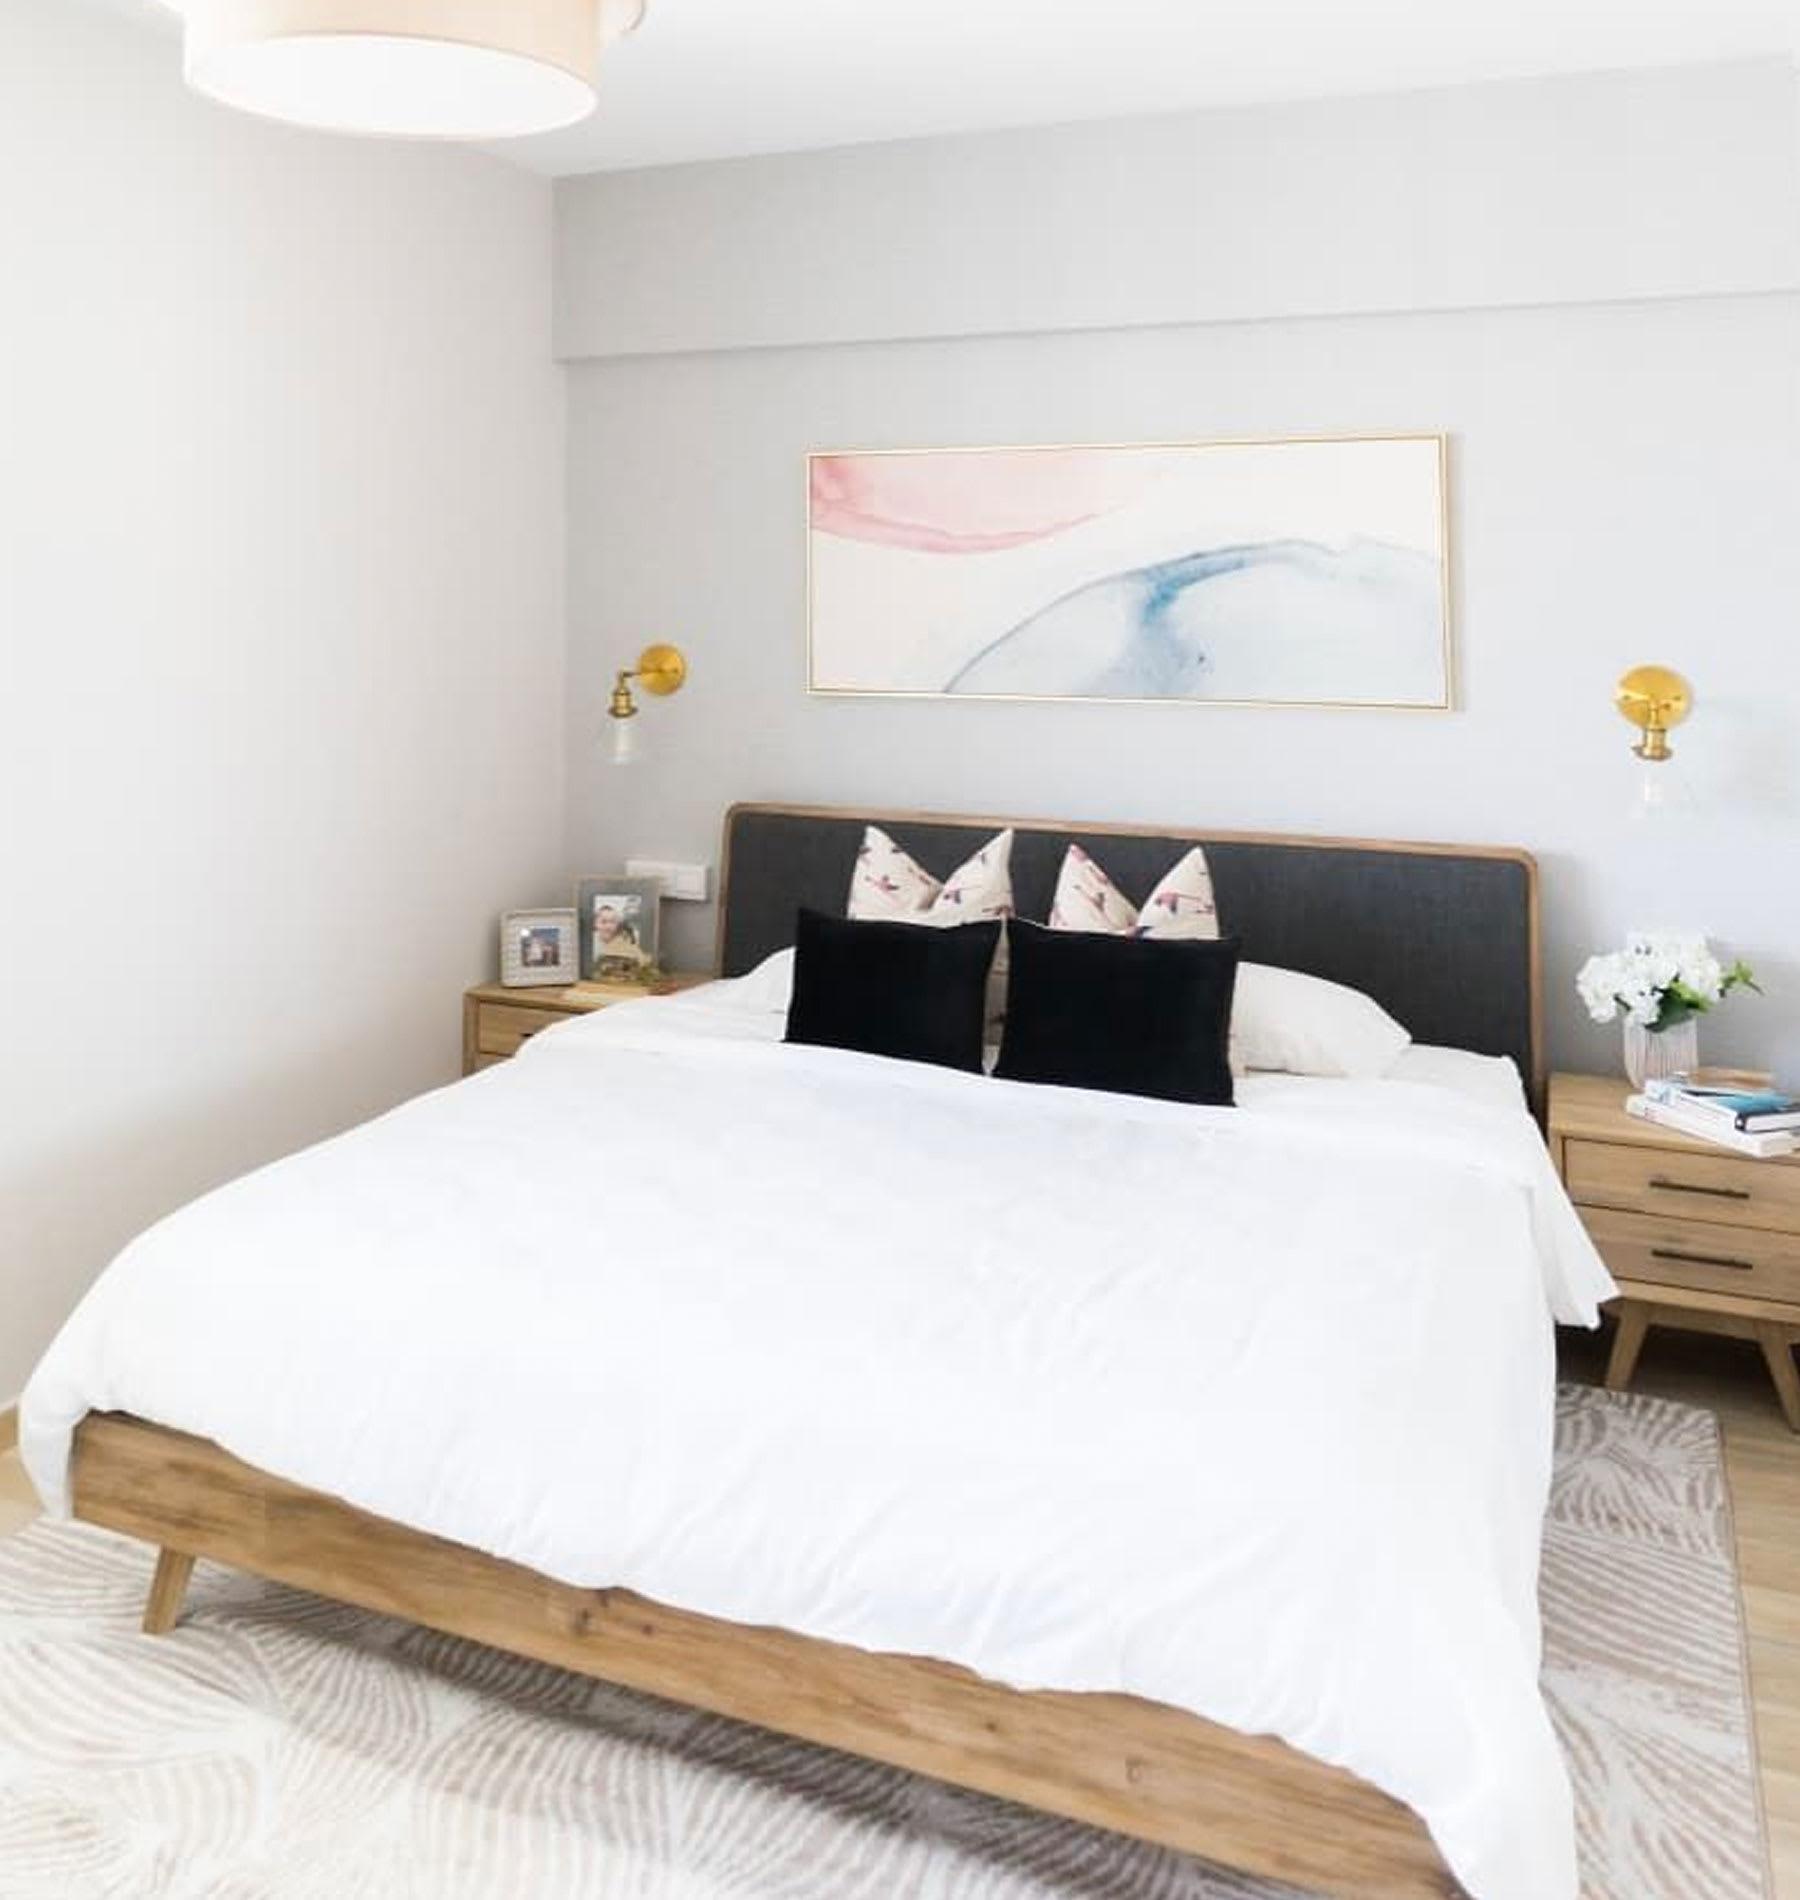 dark gray fabric queen size bed in bedroom